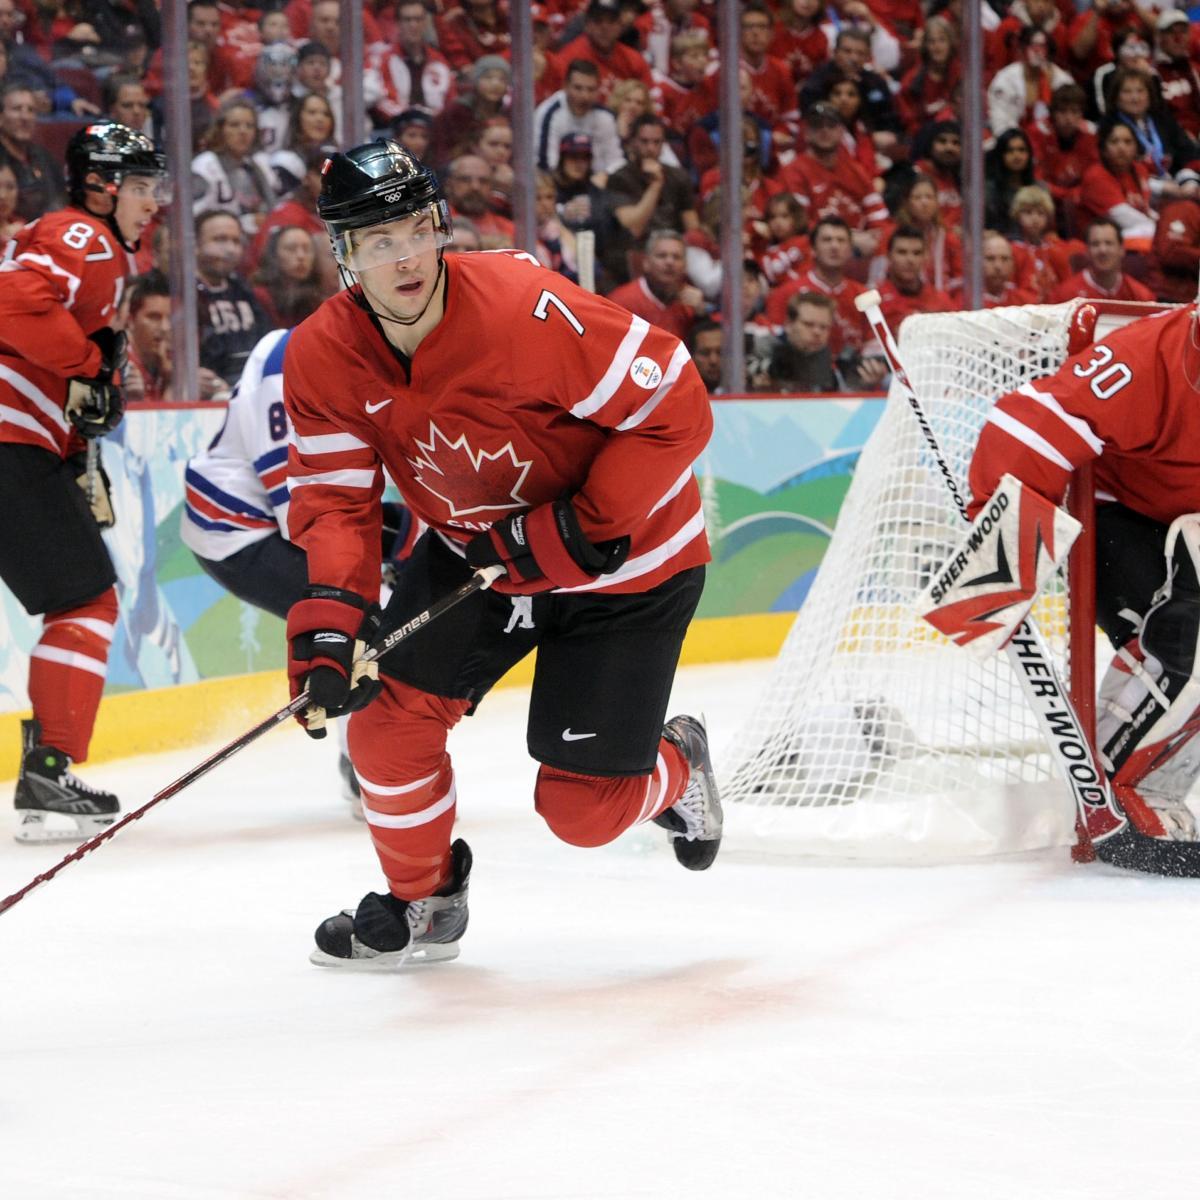 легенды канадского хоккея список с фото его нанесение